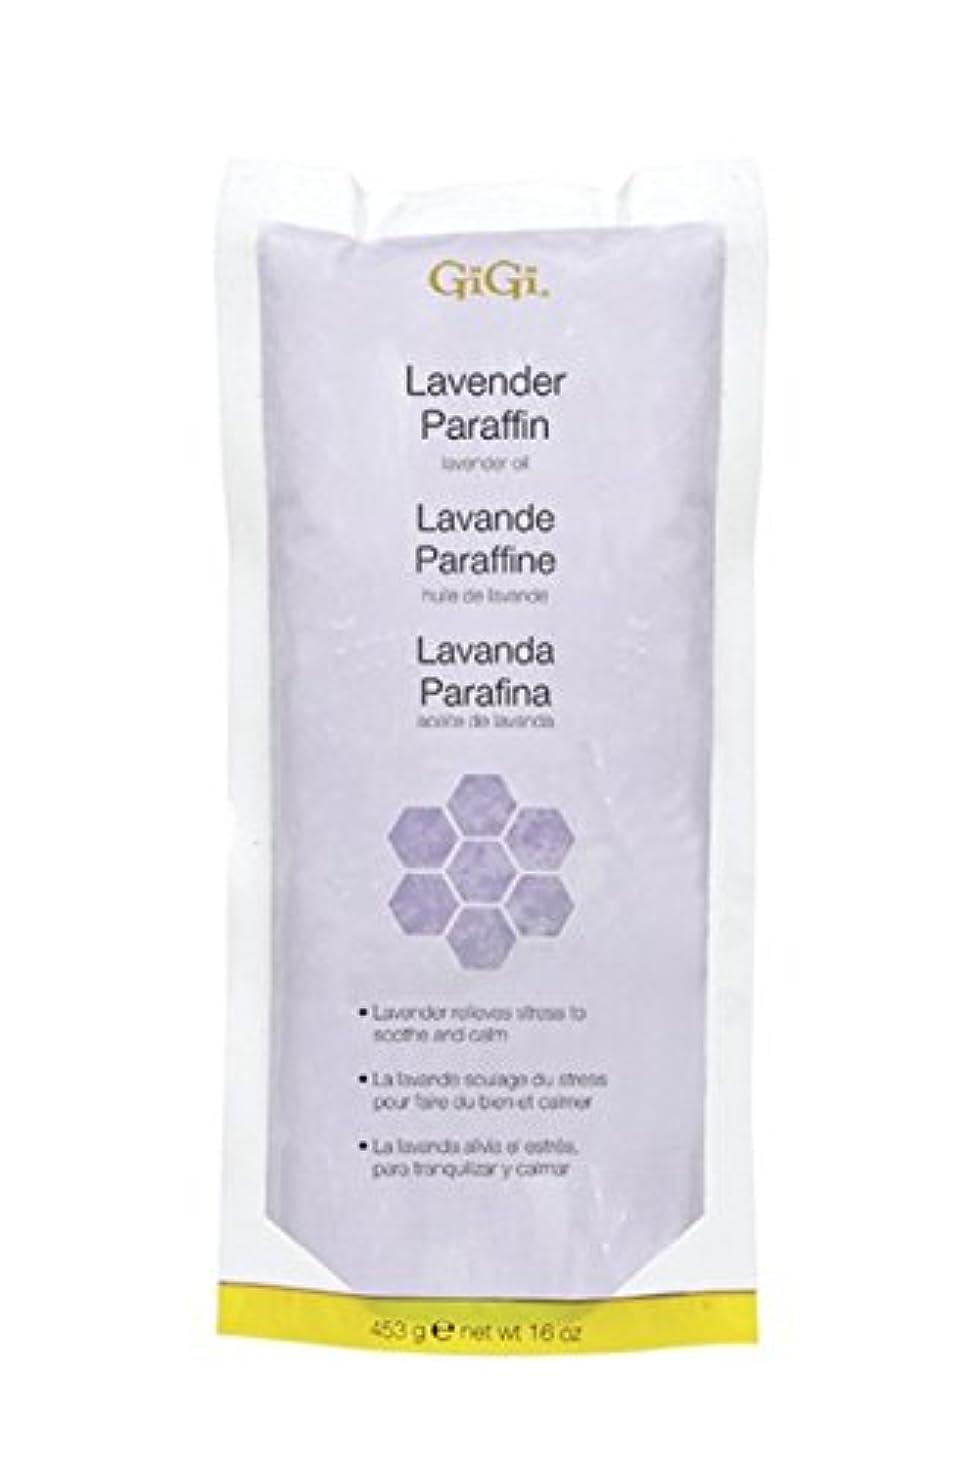 症状特徴づけるモデレータ(Lavender) - GiGi Lavander Paraffin with Lavander Oil (for Women)